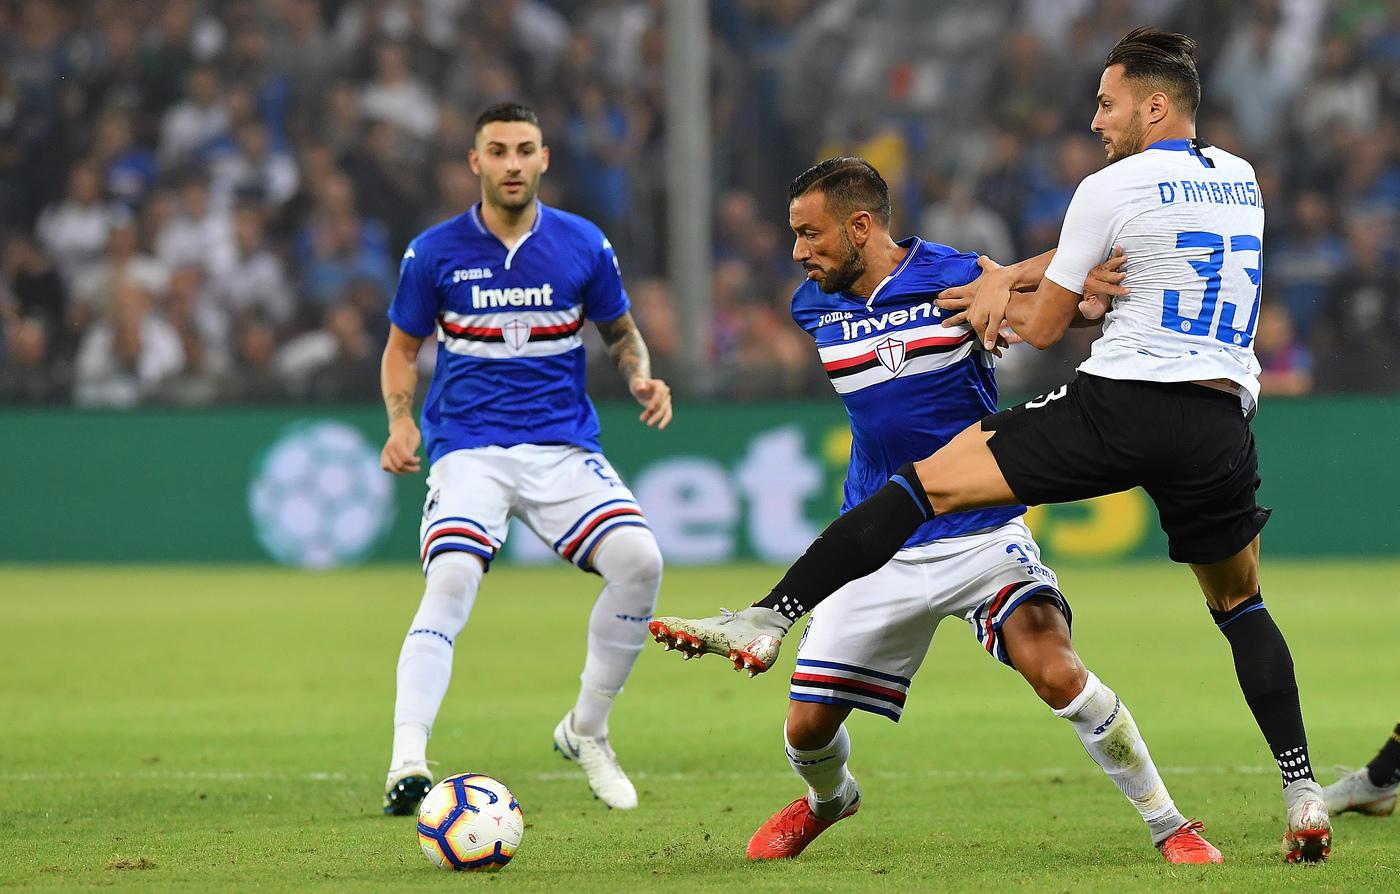 Un gol di Brozovic al 94' regala all'Inter tre punti pesanti sul campo della Sampdoria. A Marassi finisce 1-0 per i nerazzurri, che tornano al successo in campionato grazie a un destro del croato durante il recupero. Il Var, prima del gol-partita, aveva annullato due reti alla squadra di Spalletti (Nainggolan e Asamoah). L'Inter sale così a sette punti, agganciando proprio i blucerchiati.